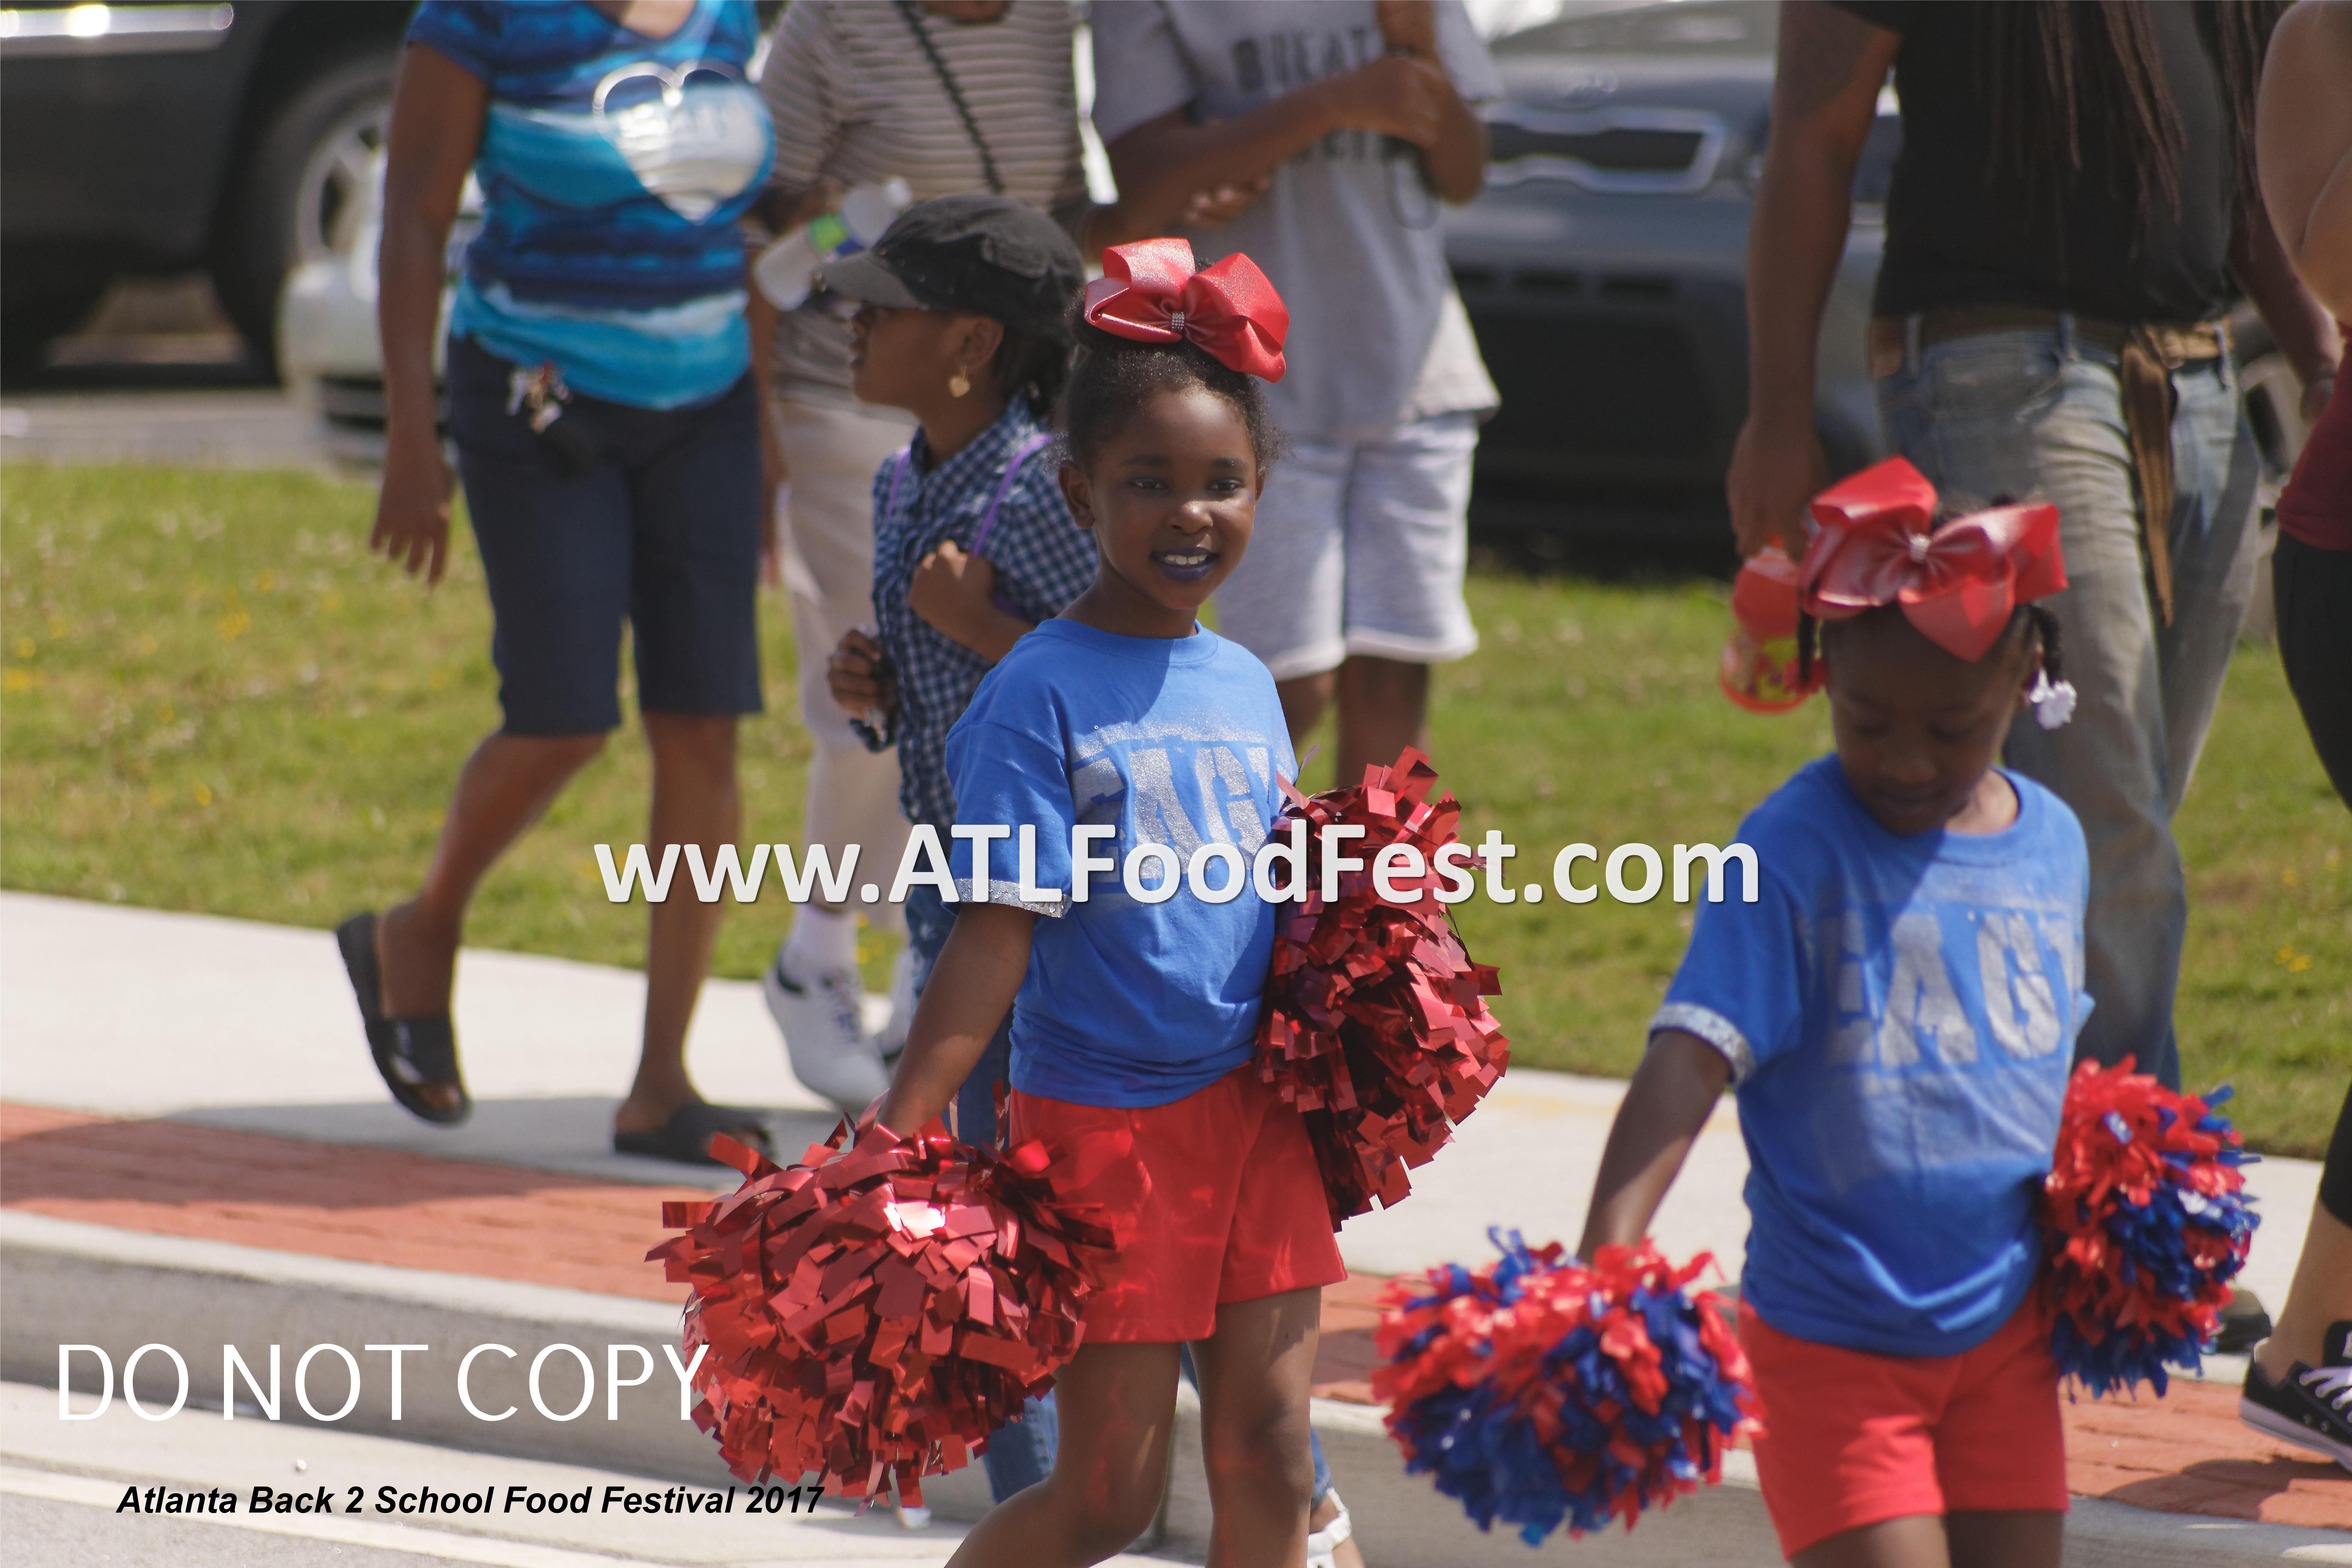 Atlanta Back 2 School Parade 2017